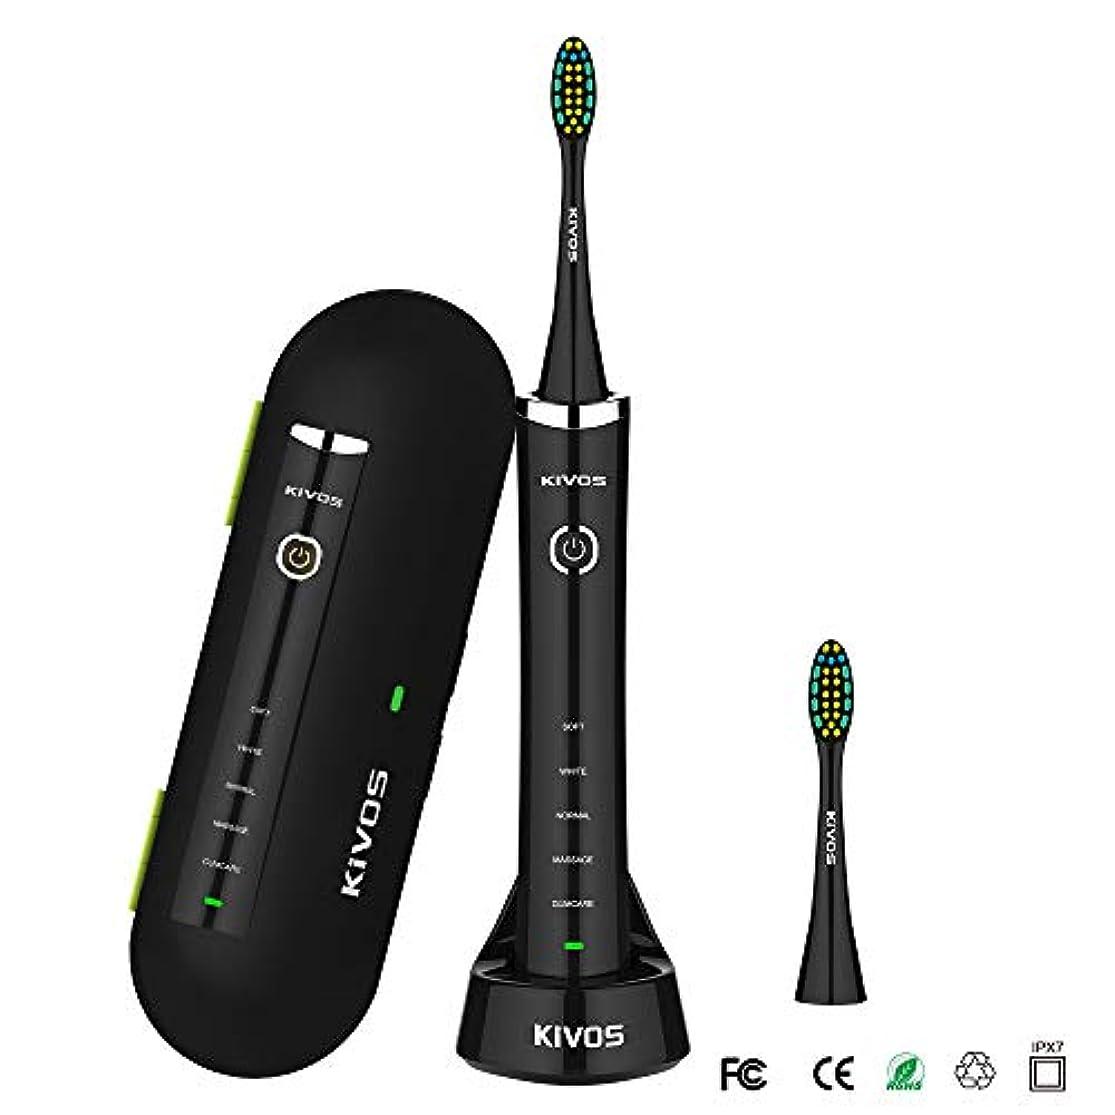 命題すべき不名誉KIVOS 電動歯ブラシ音波歯ブラシ 無接点充電式 電動歯ぶらし歯ブラシ歯ブラシ収納ケース歯みがき 電動はぶらし IPX7防水 旅行出張に最適 ワイヤレス充電 (S8102(ブラック))